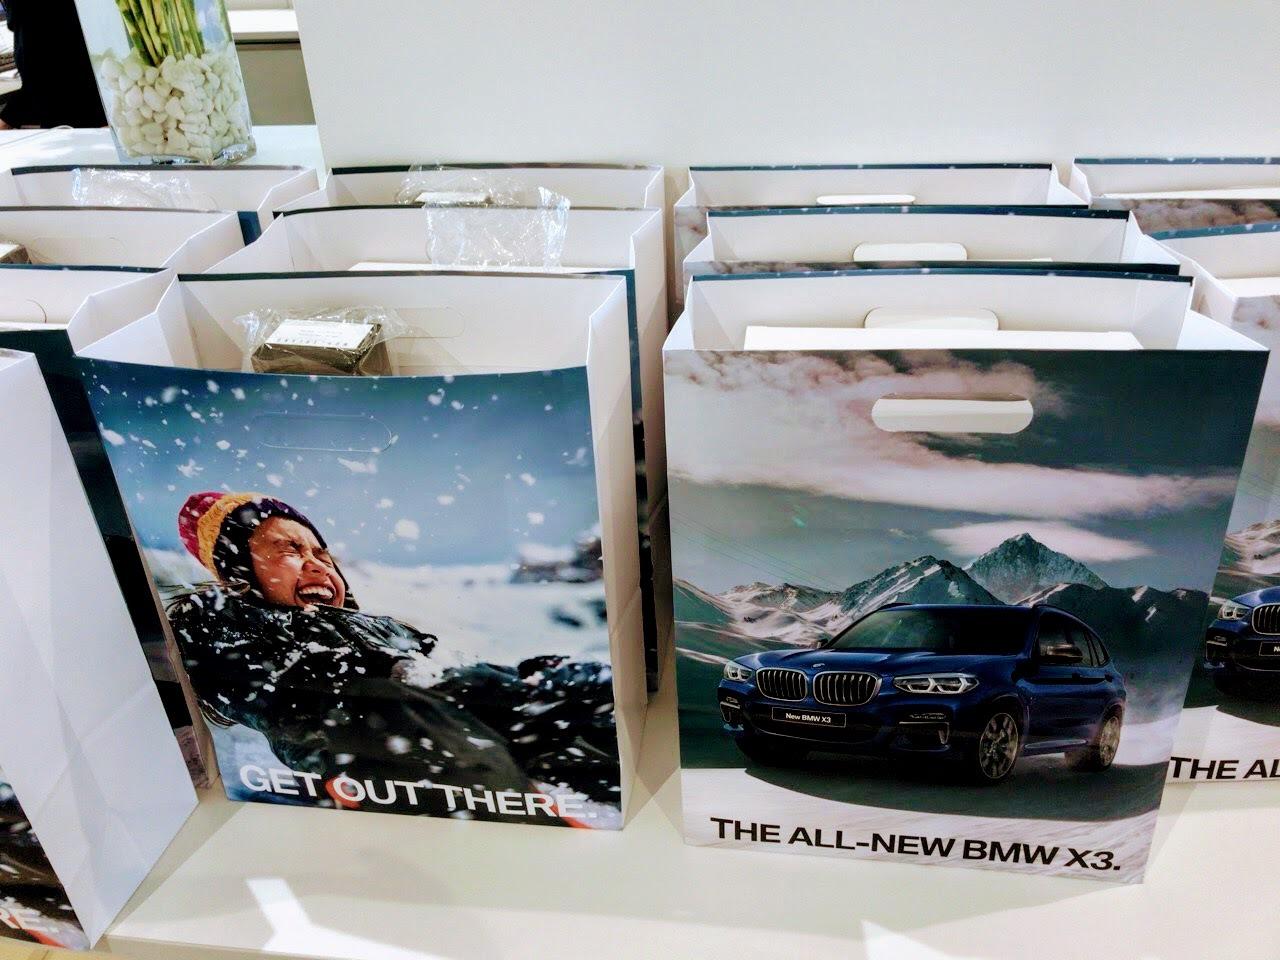 ※速報※2018年BMW福袋5,000円、15,000円、20,000円のそれぞれの中身が判明しました!ネタバレあり^^;